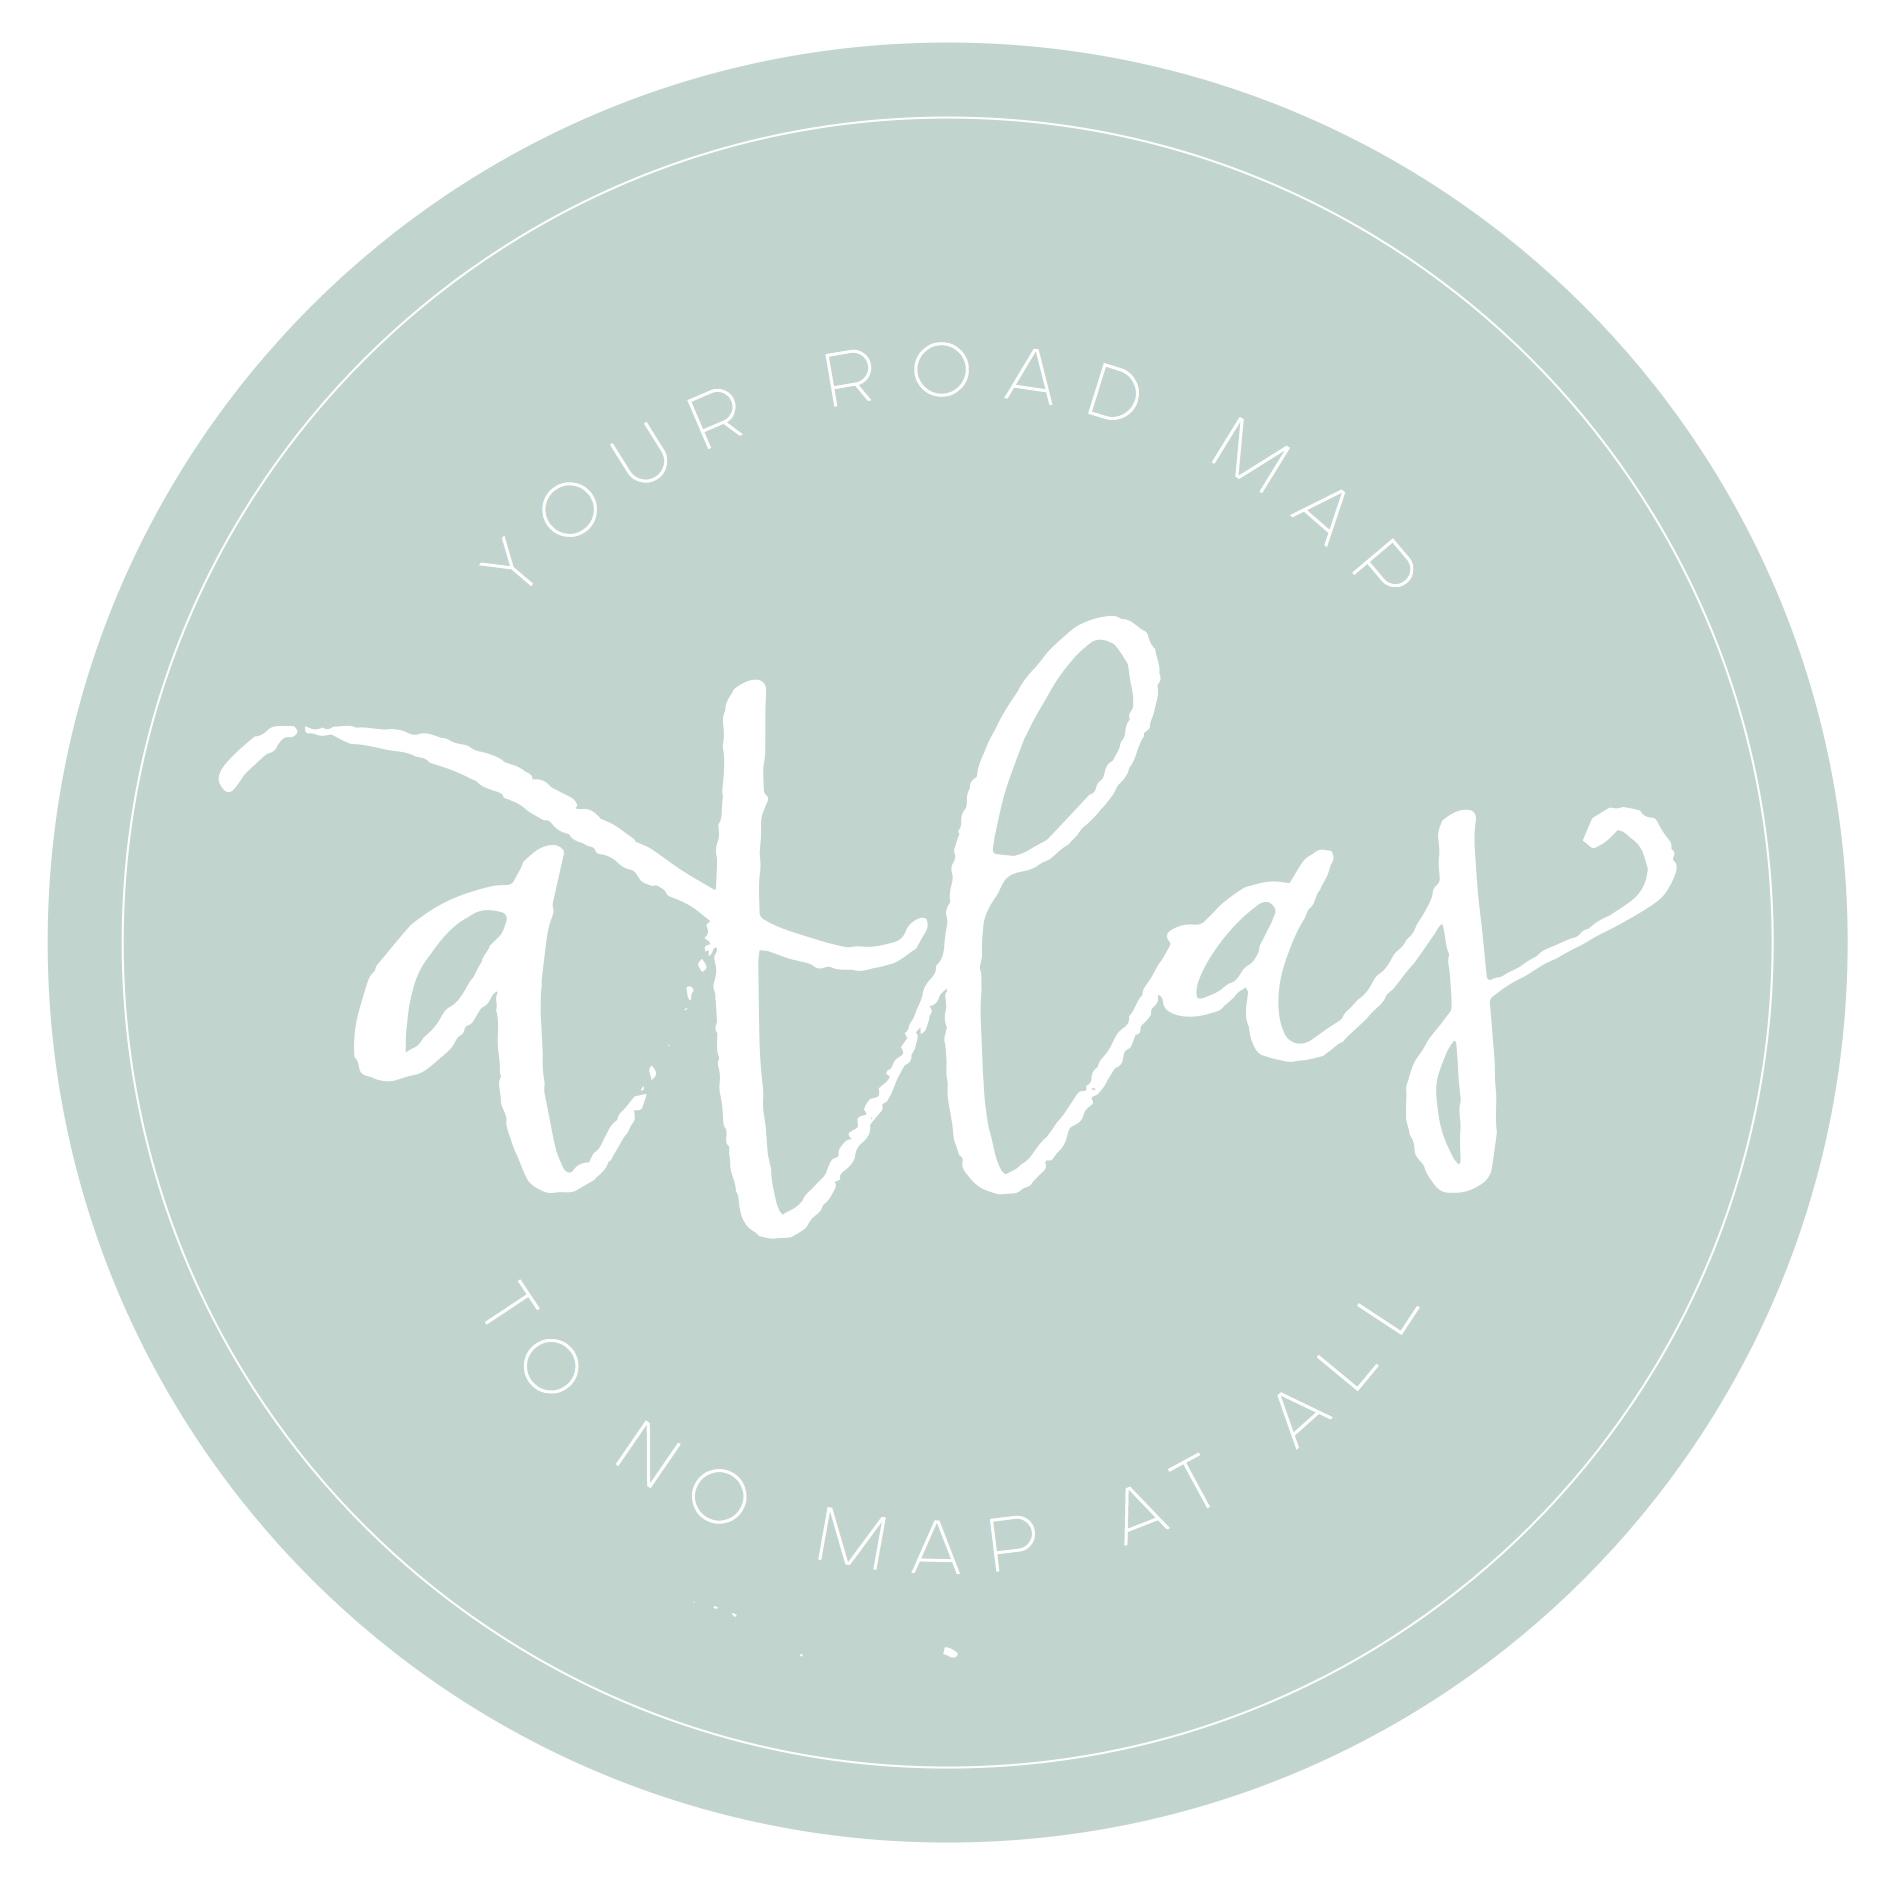 atlas draft 1.jpg